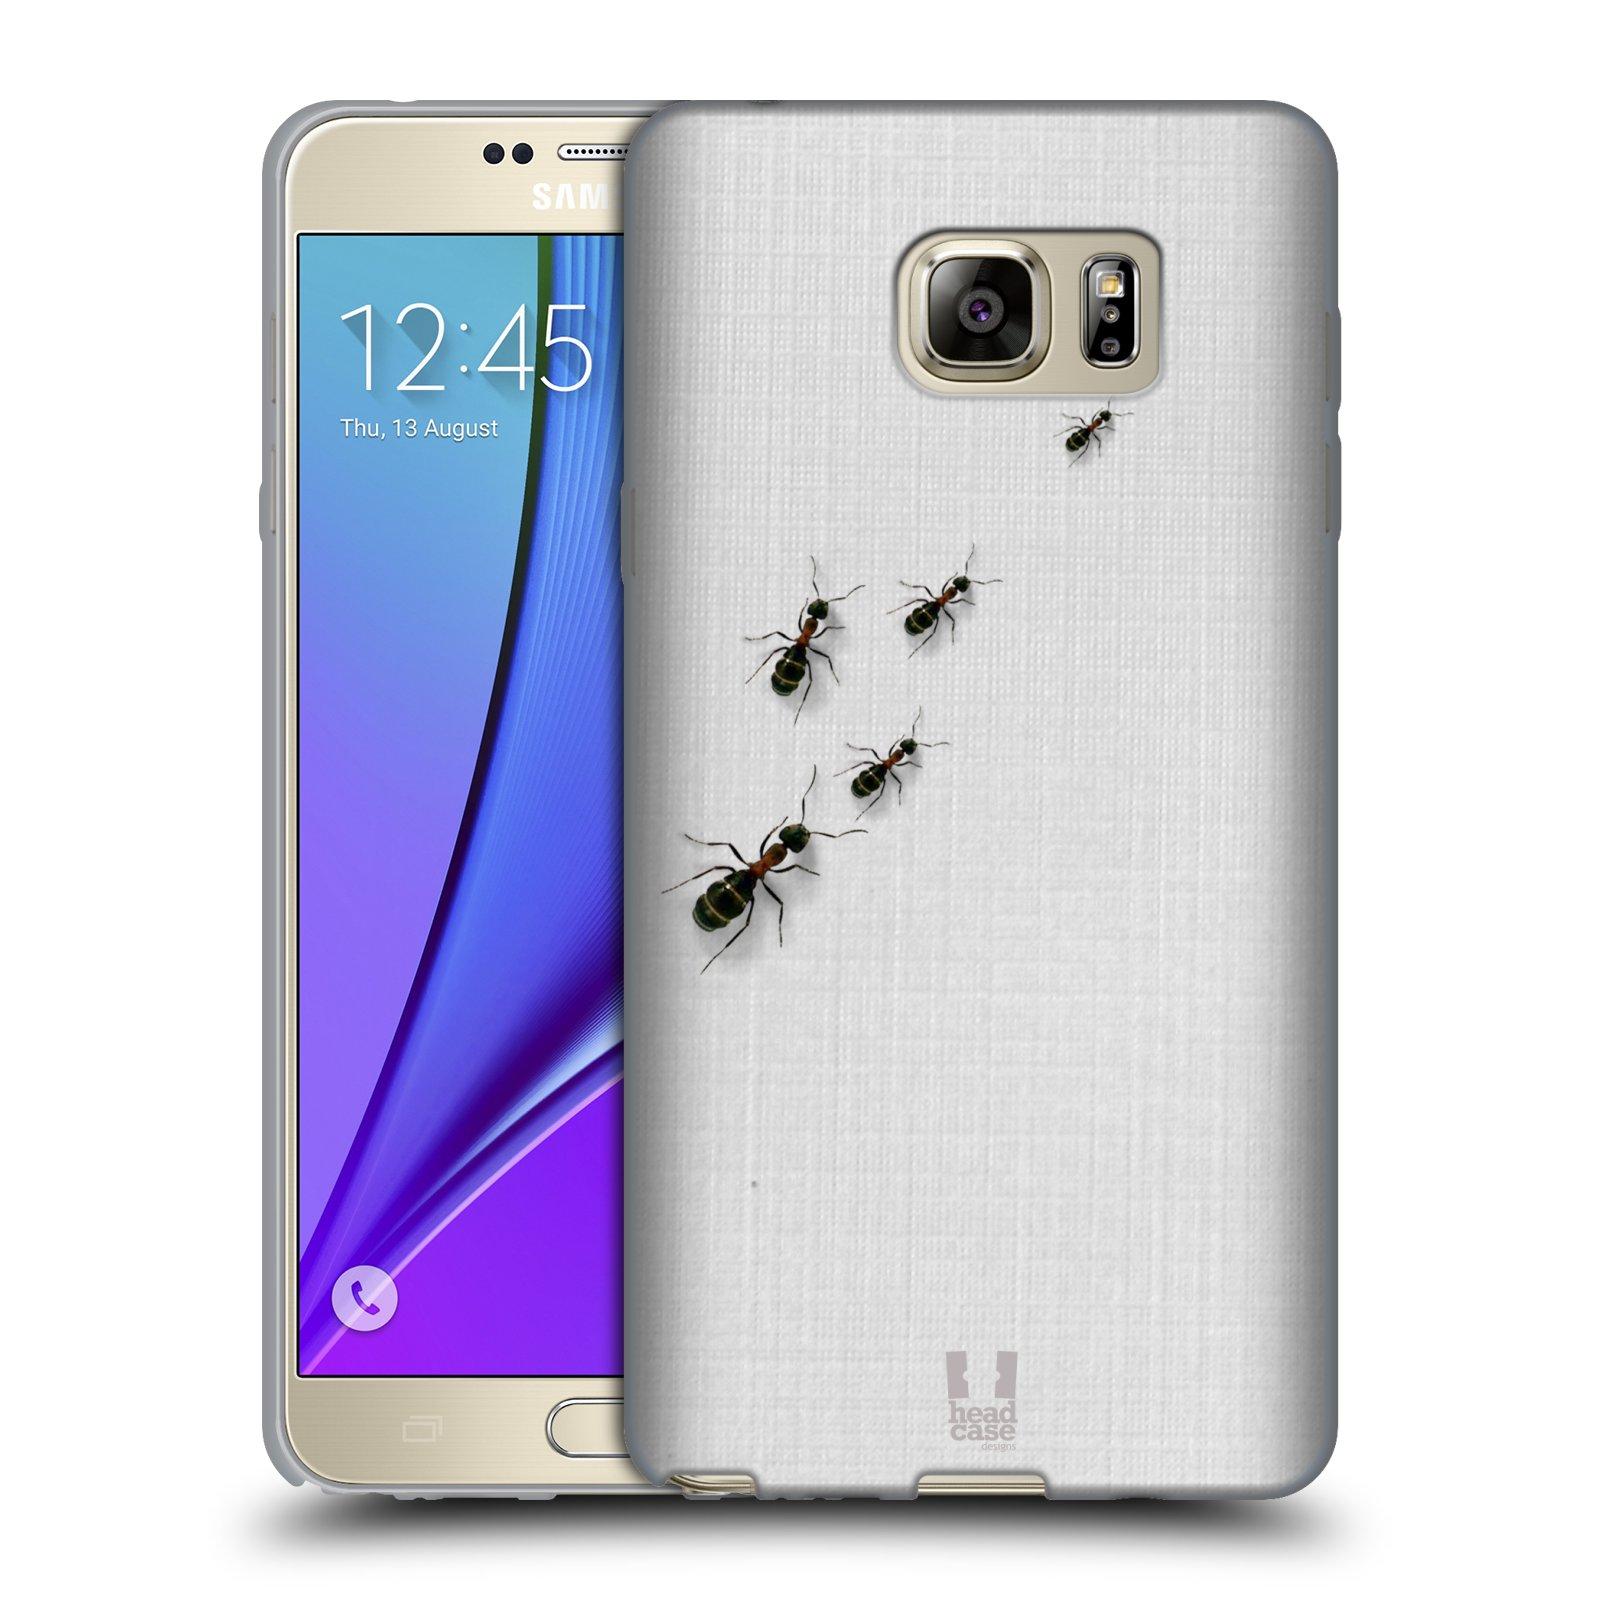 HEAD CASE silikonový obal na mobil Samsung Galaxy Note 5 (N920) vzor maskování mravenci